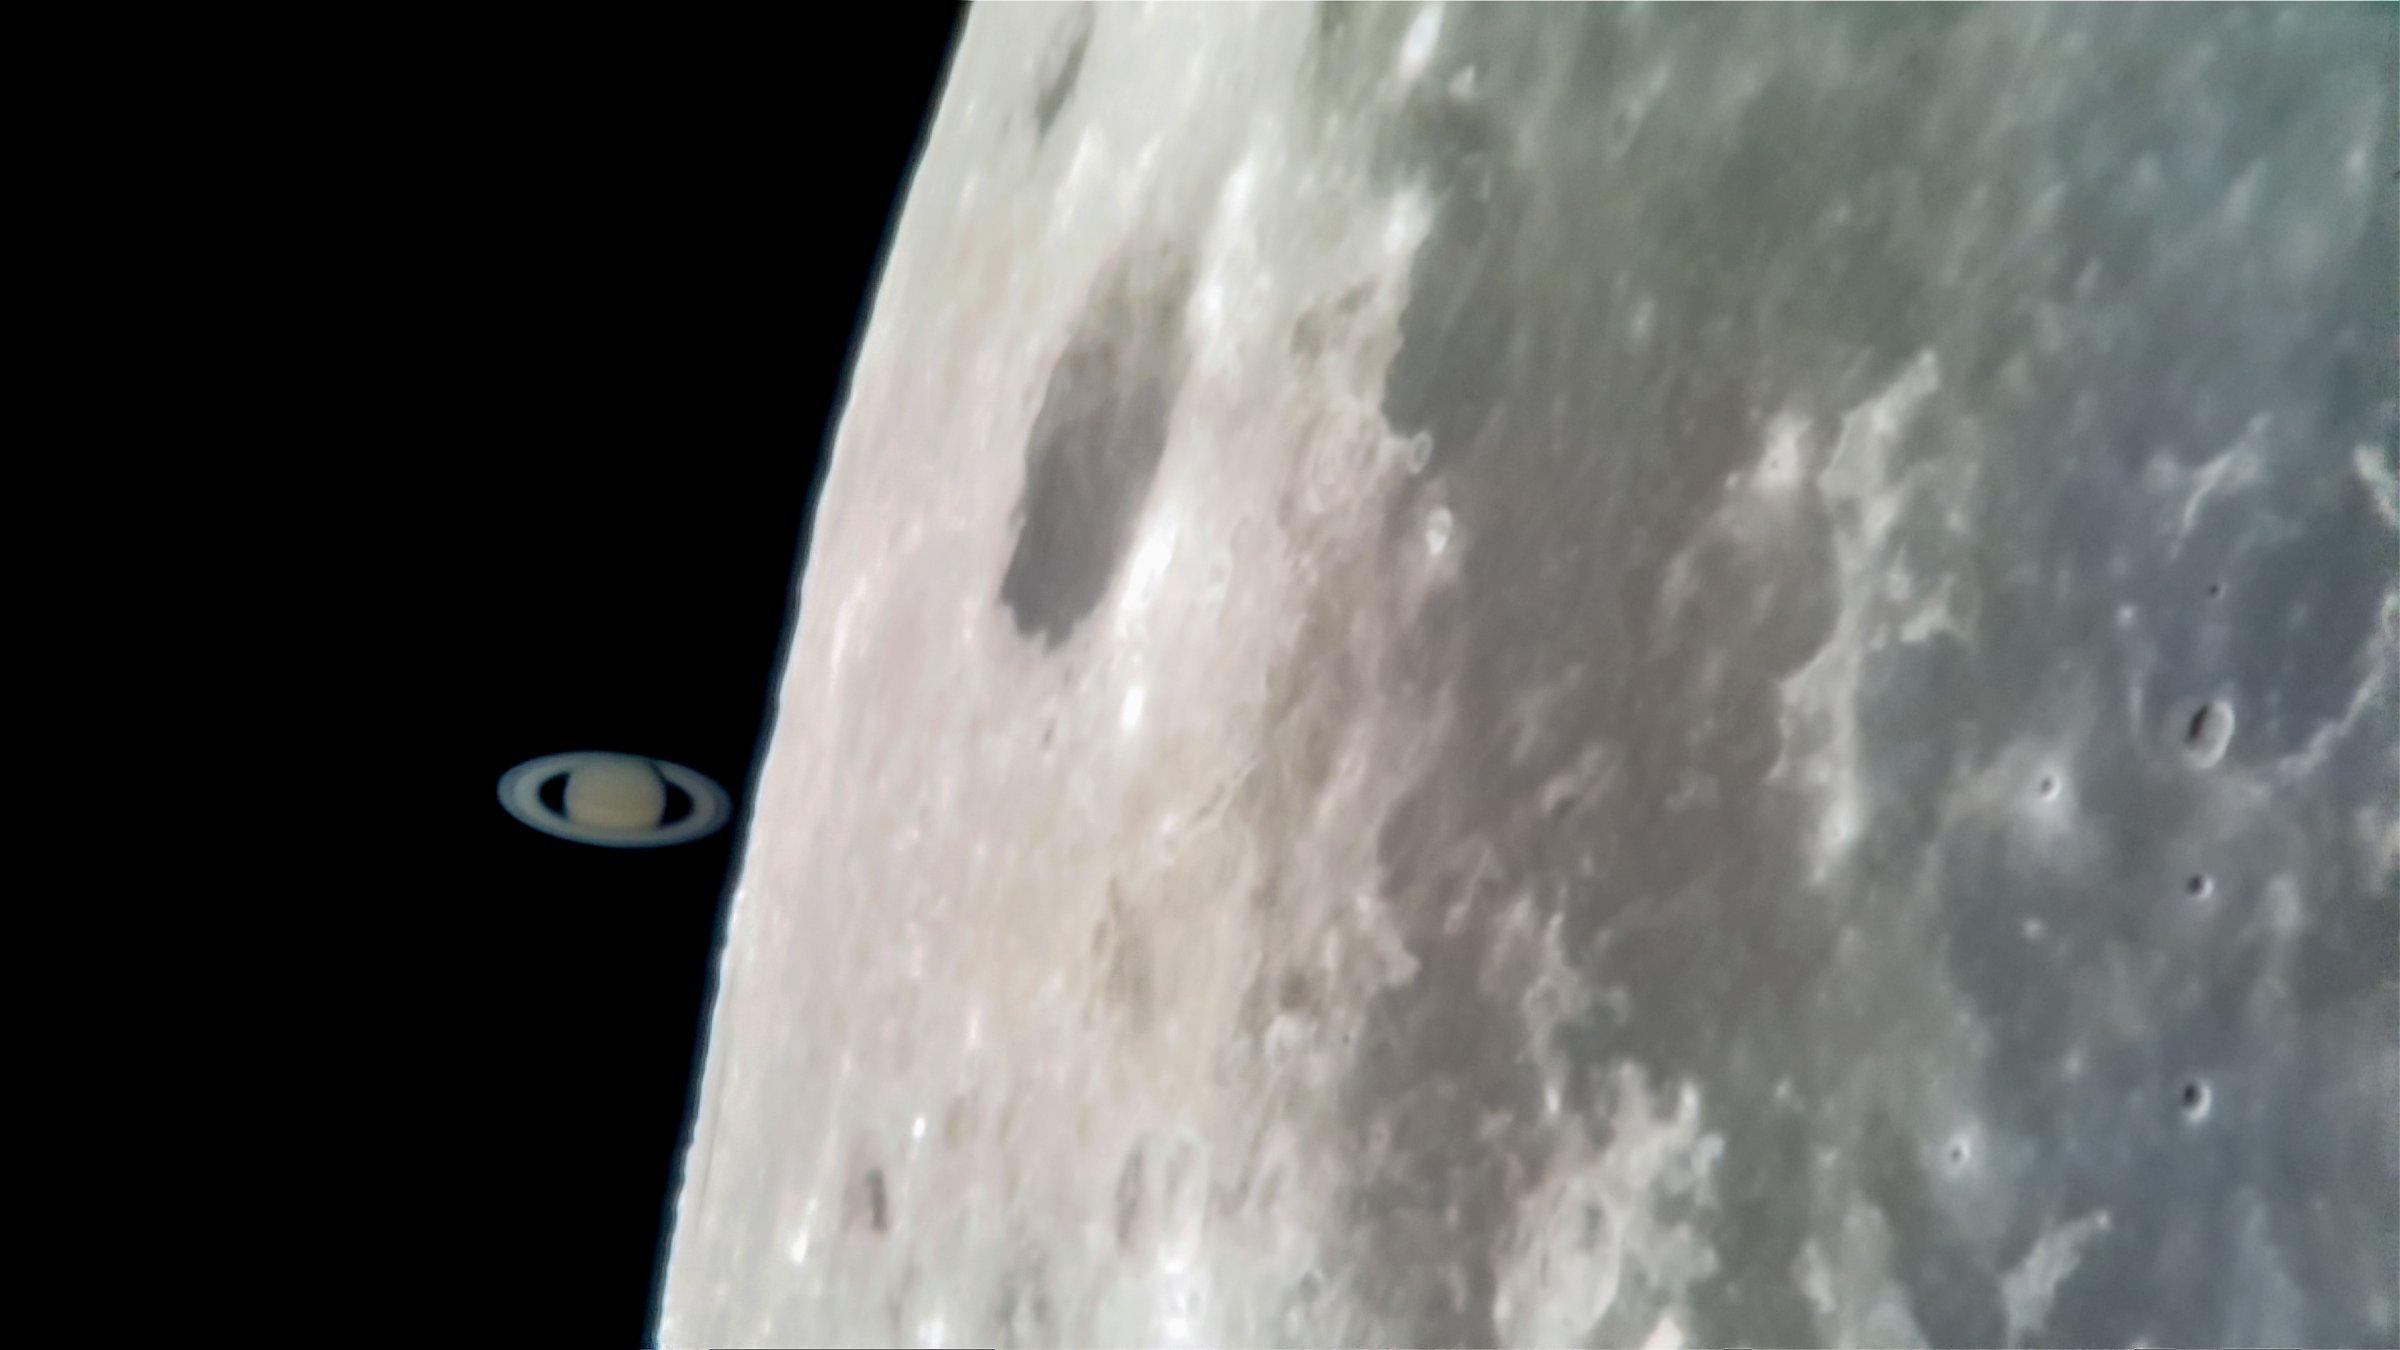 Satürn'un Bu Fotoğrafı Bir Galaxy S8 ile Çekildi